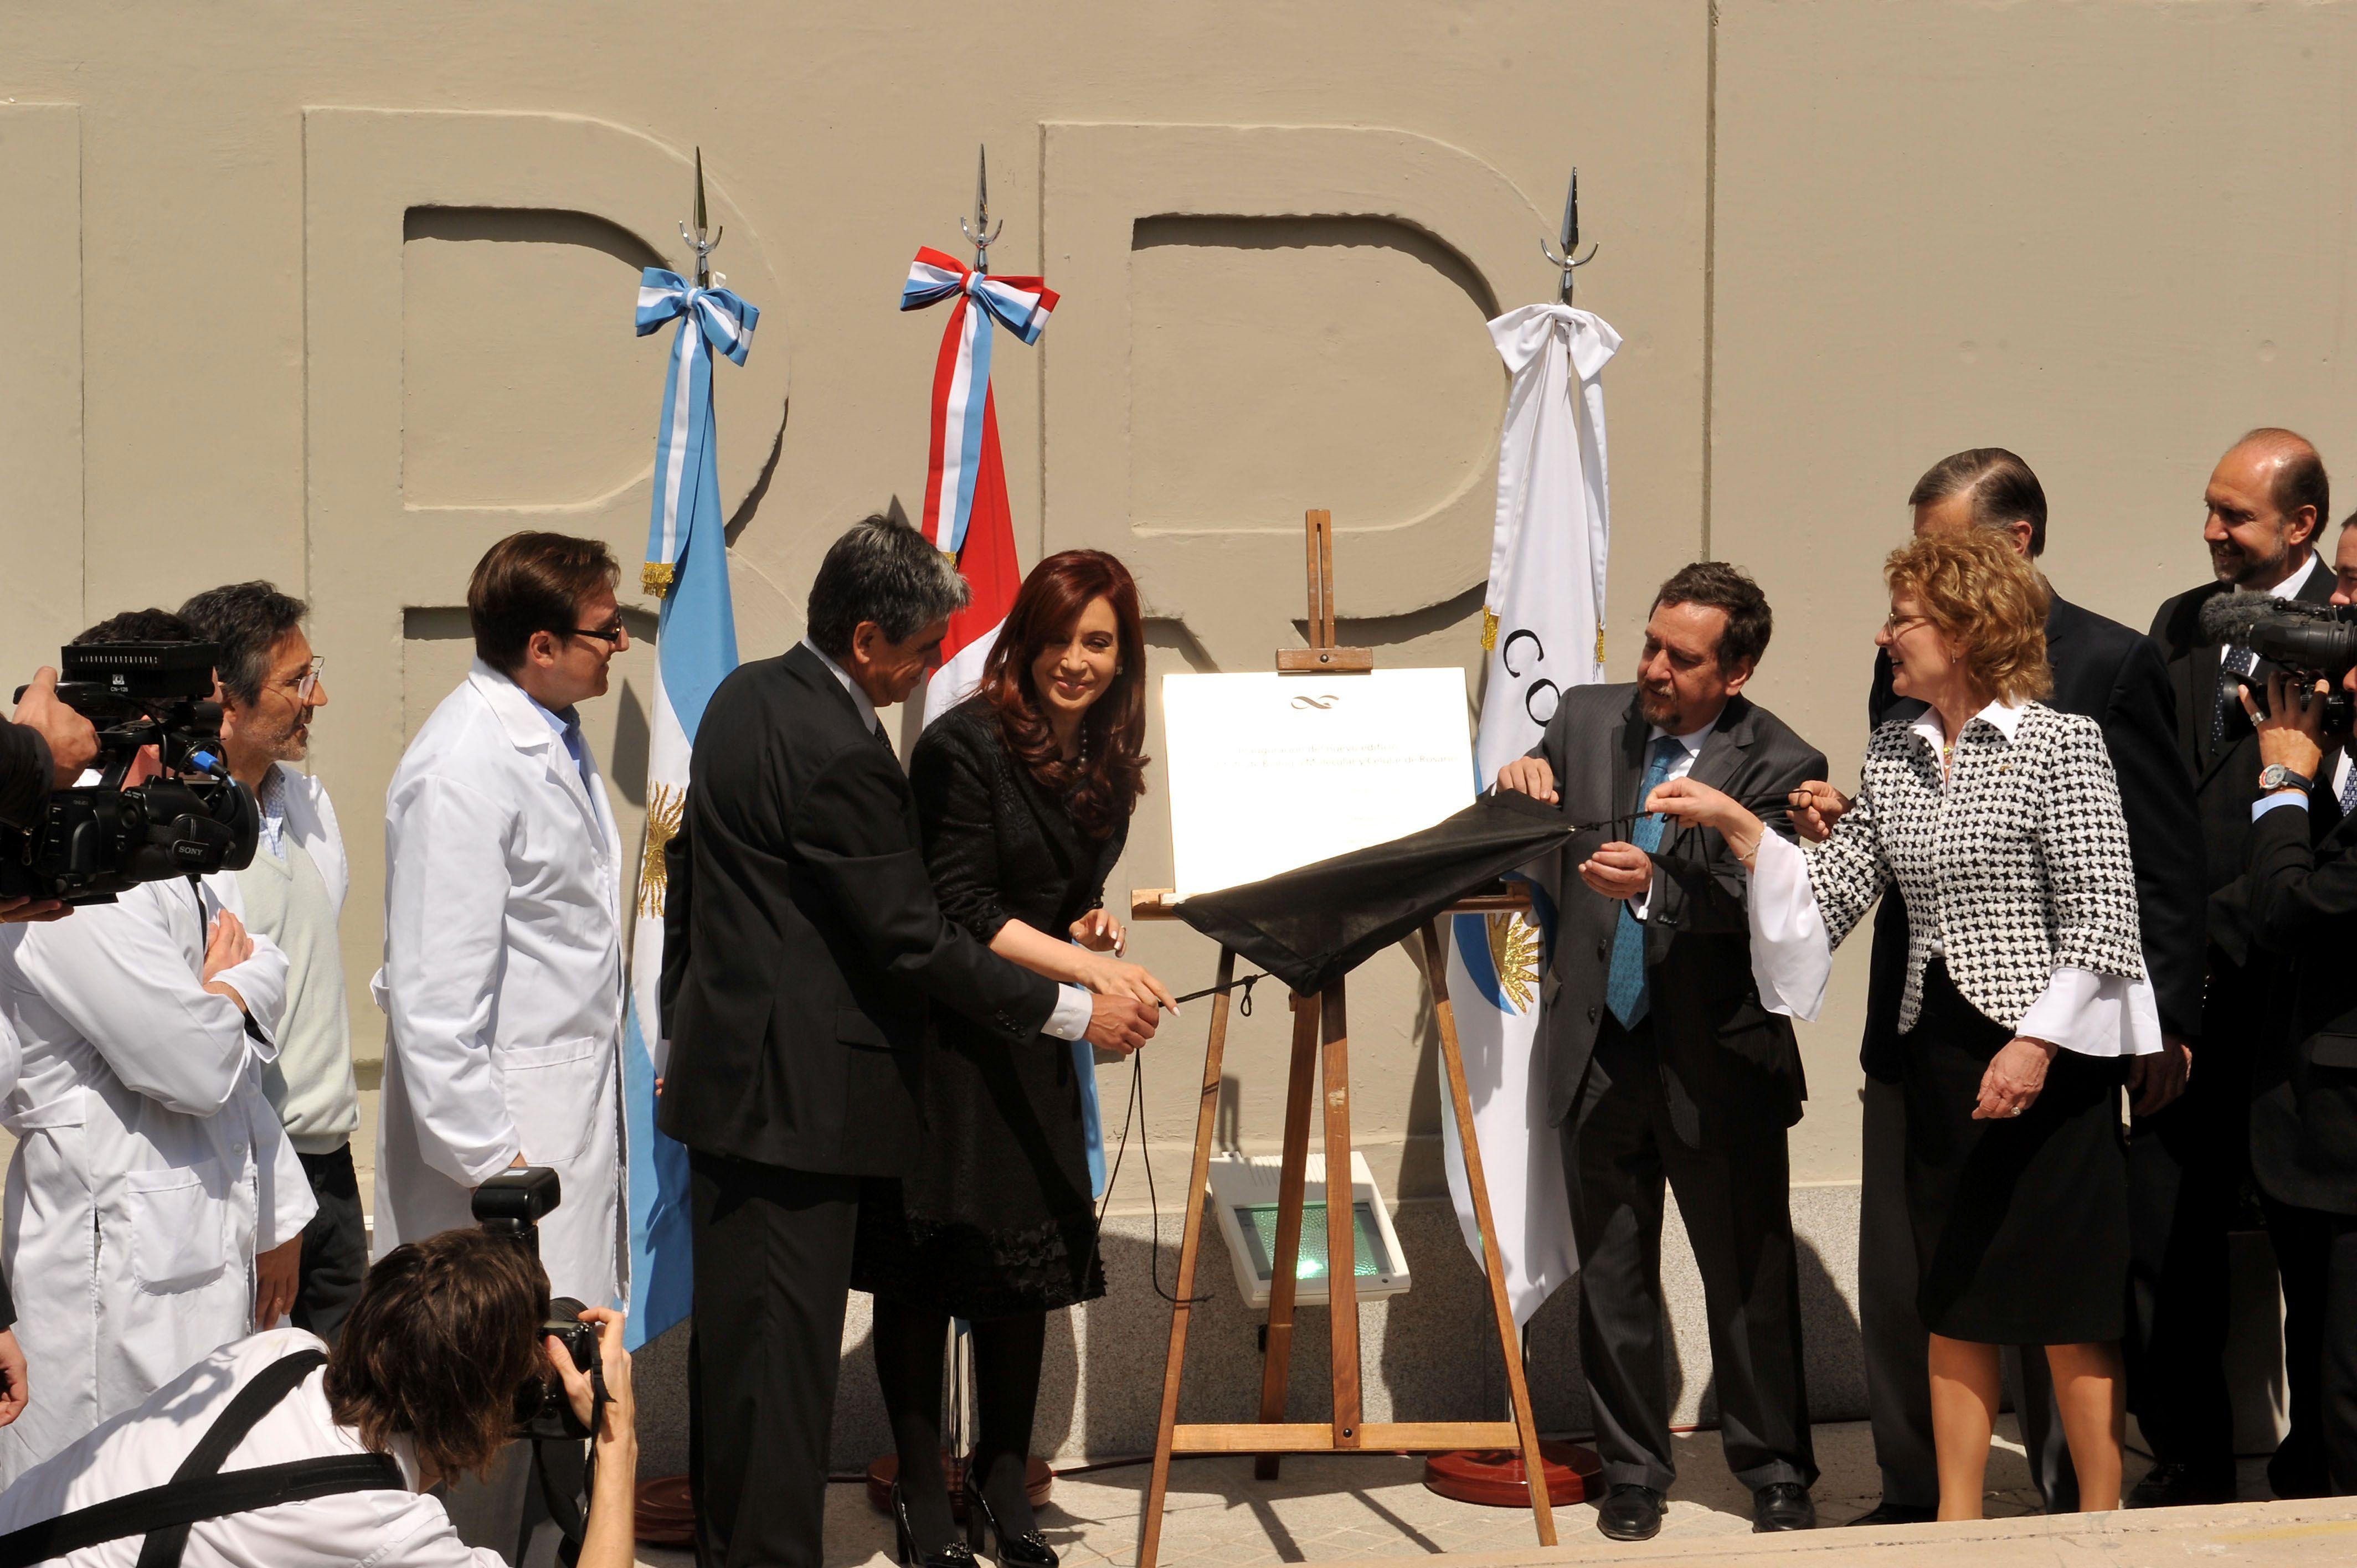 Cristina durante la inauguración del IBR en septiembre de 2011. (Foto archivo: Celina M. Lovera).